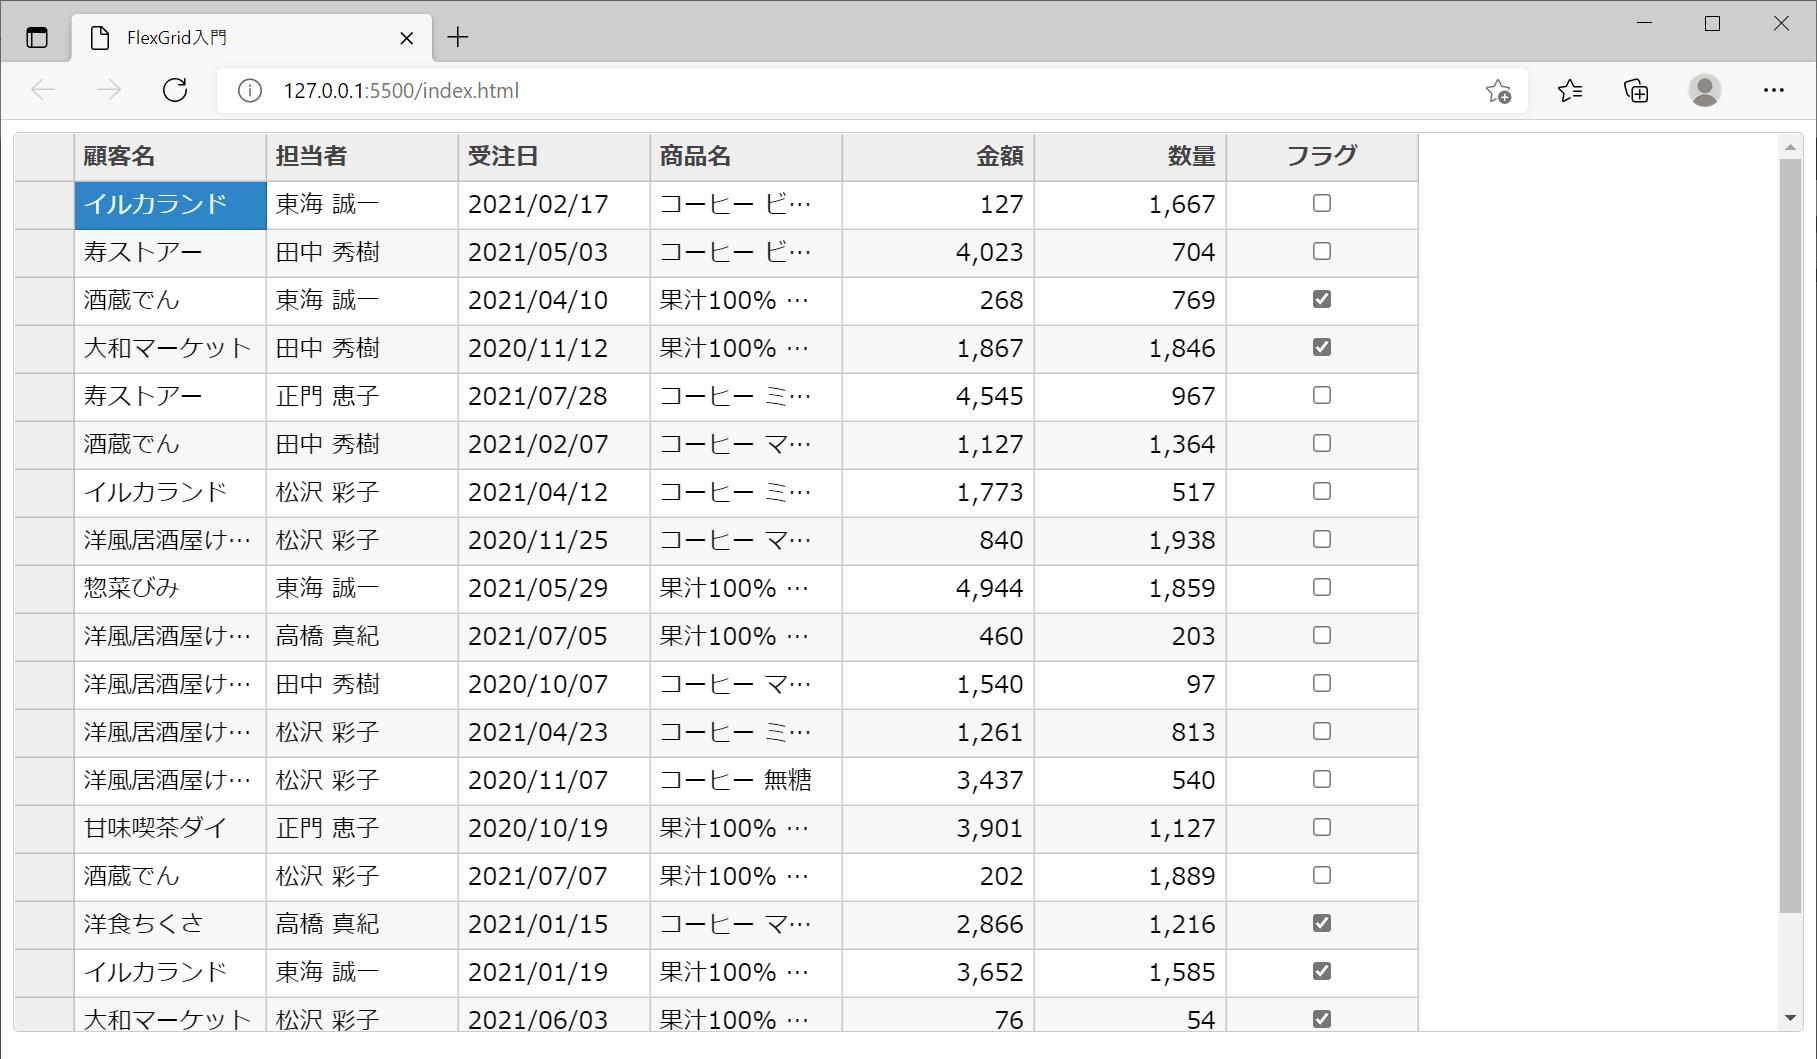 20件のランダムデータを表示